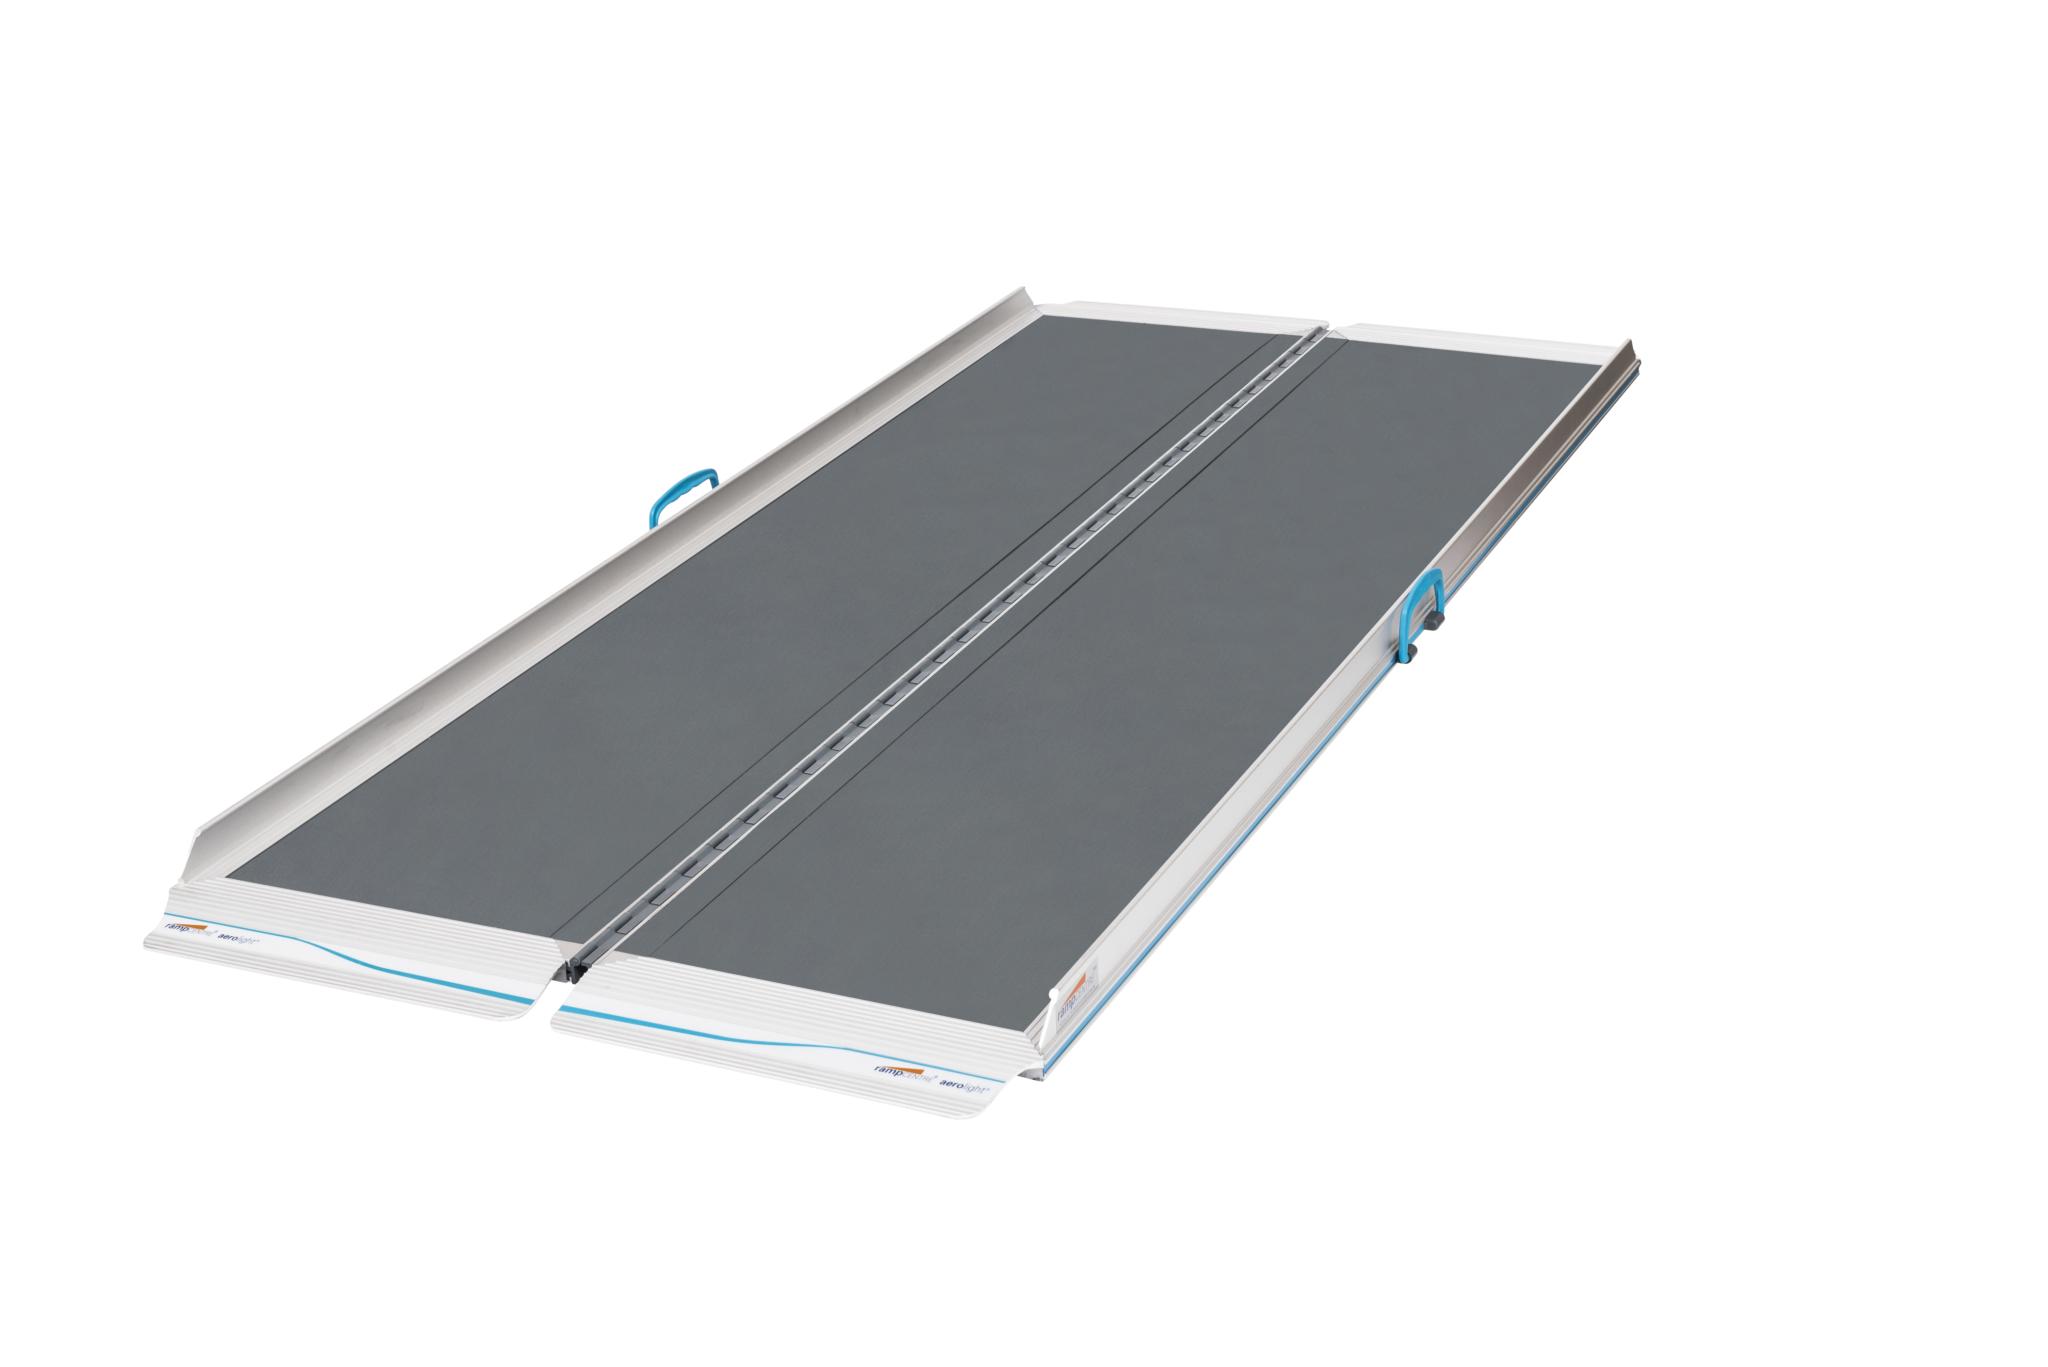 Aerolight Extra ramp